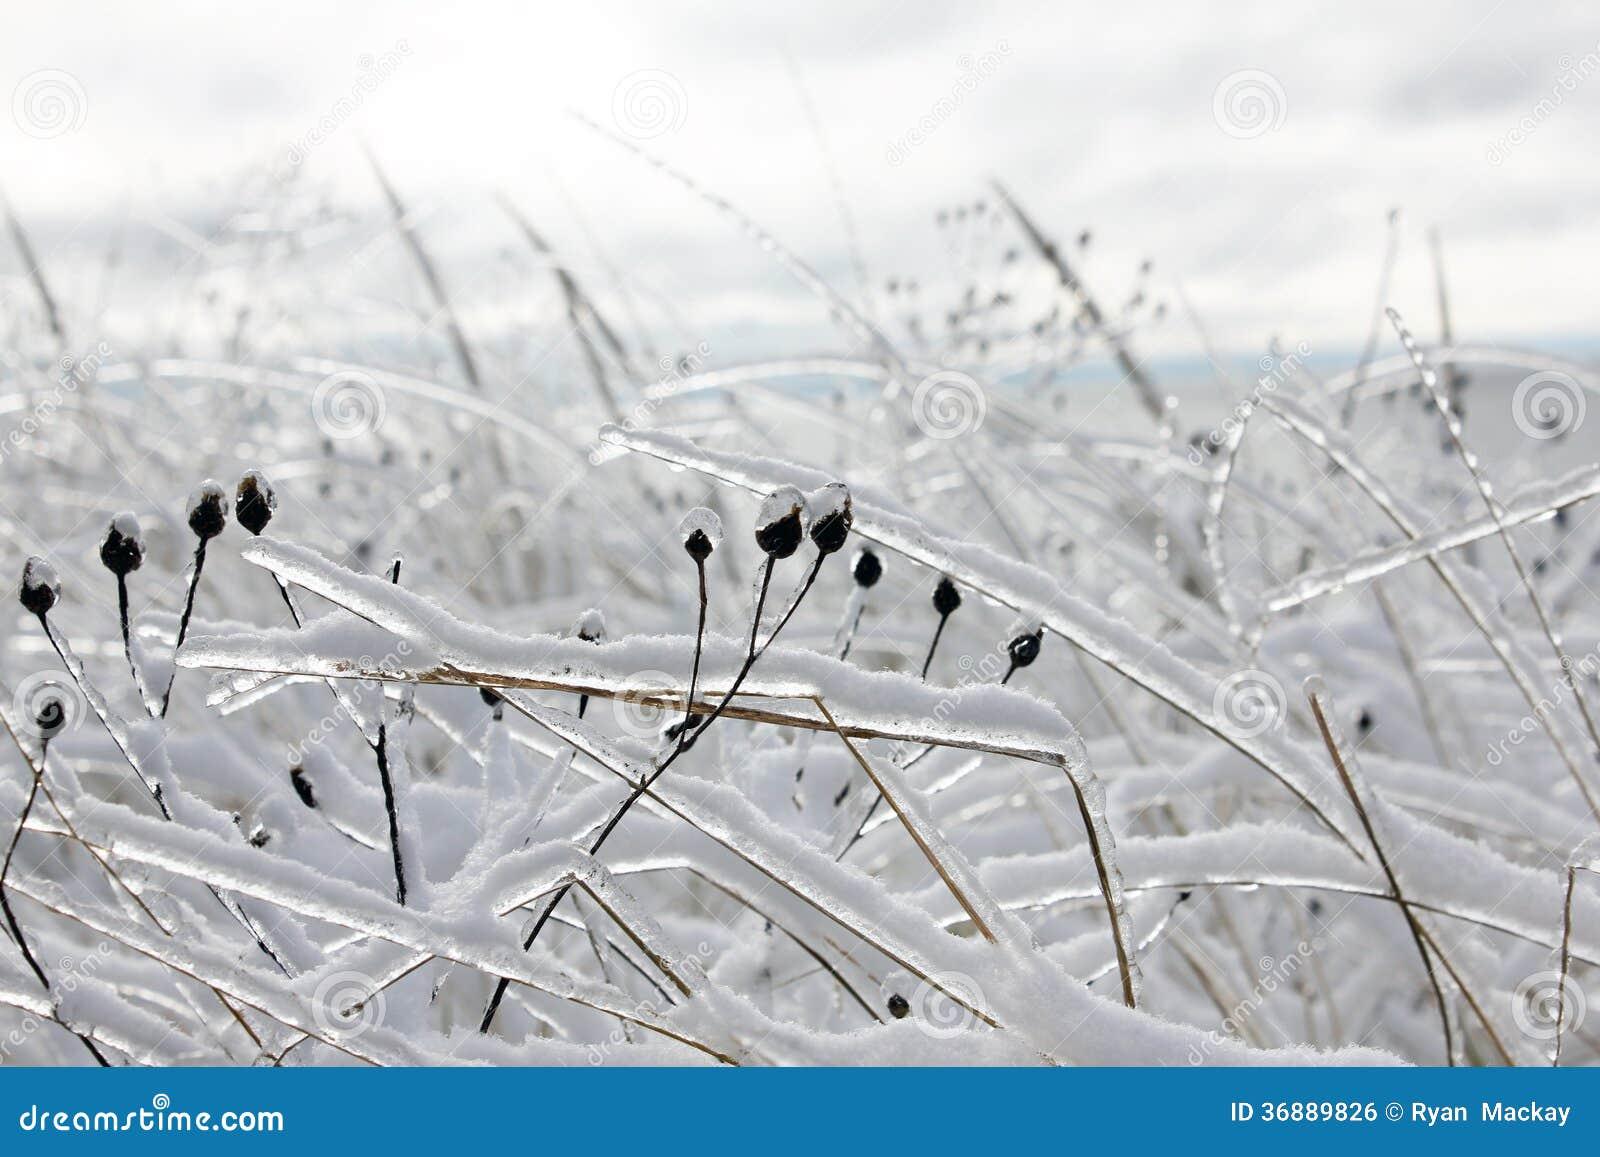 Download Tempesta di ghiaccio fotografia stock. Immagine di temperatura - 36889826